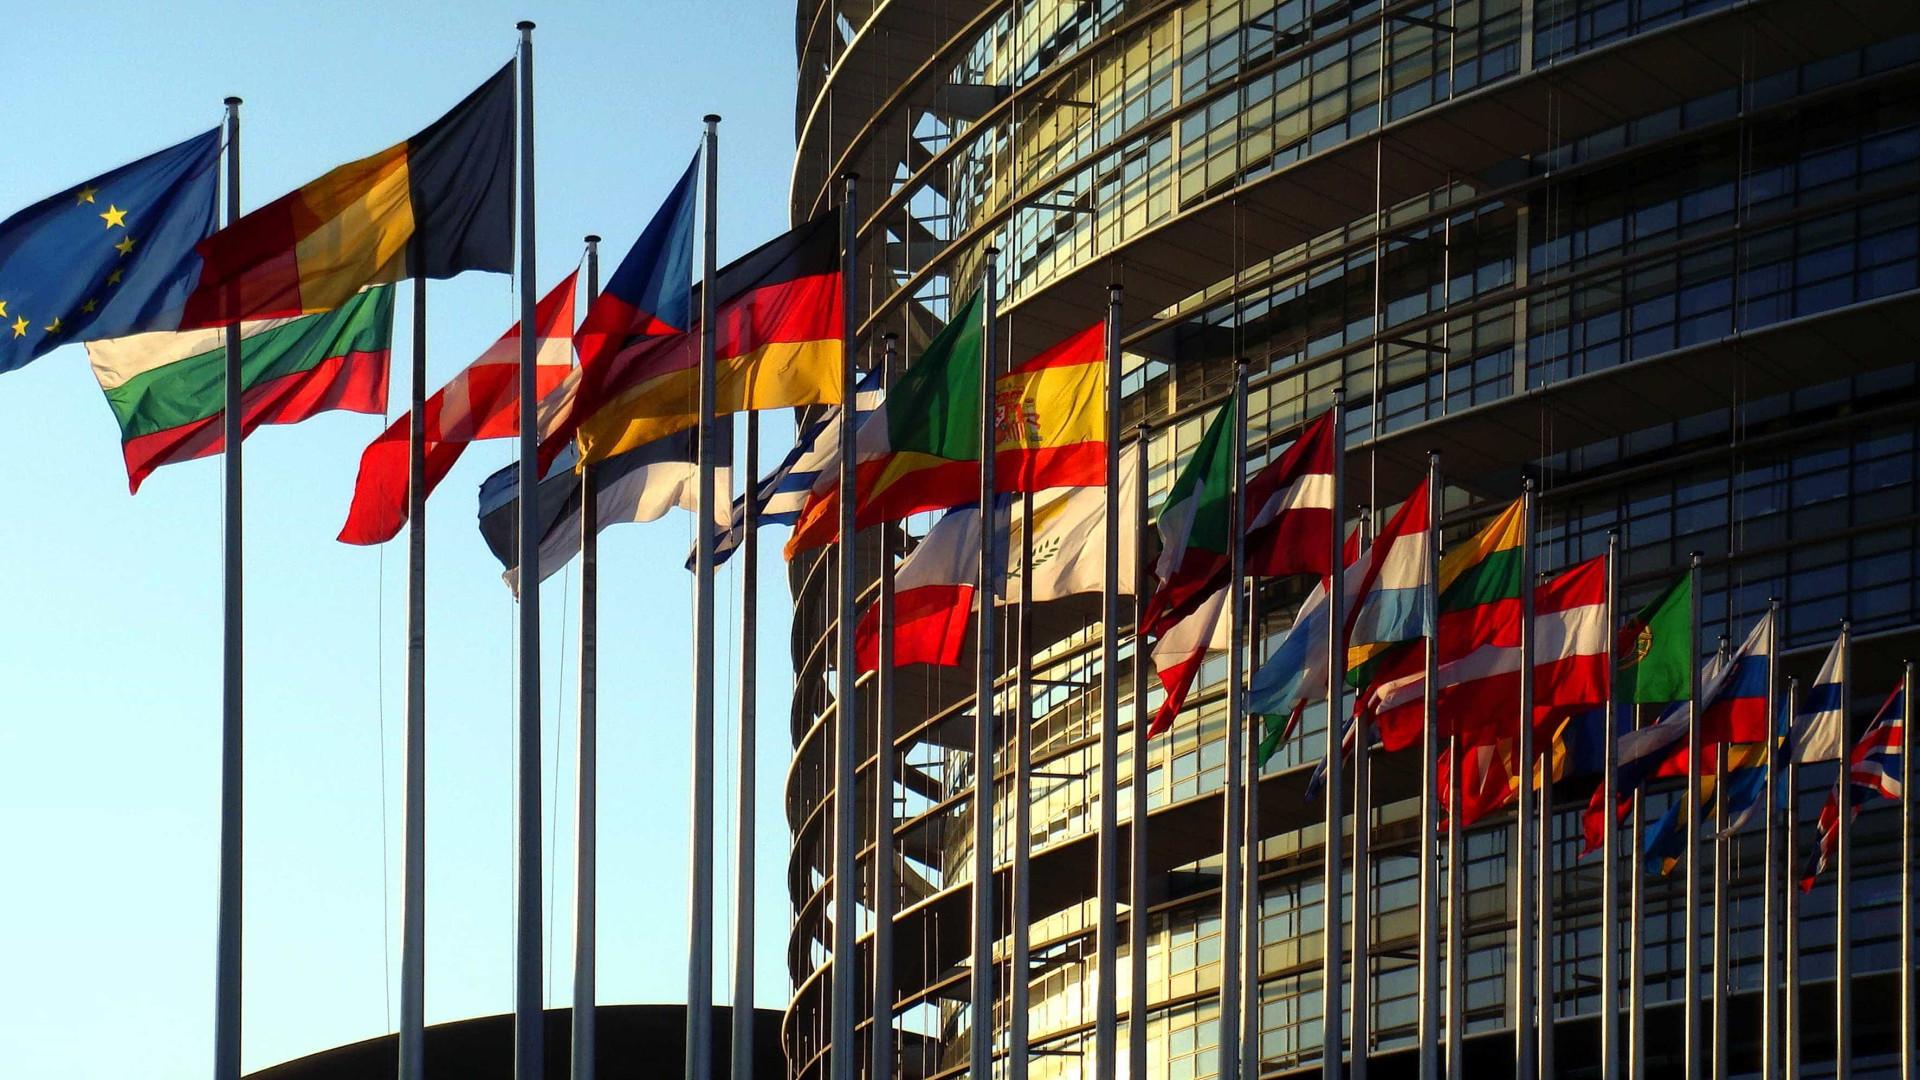 Clima de negócios baixa 0,14 pontos na zona euro em novembro